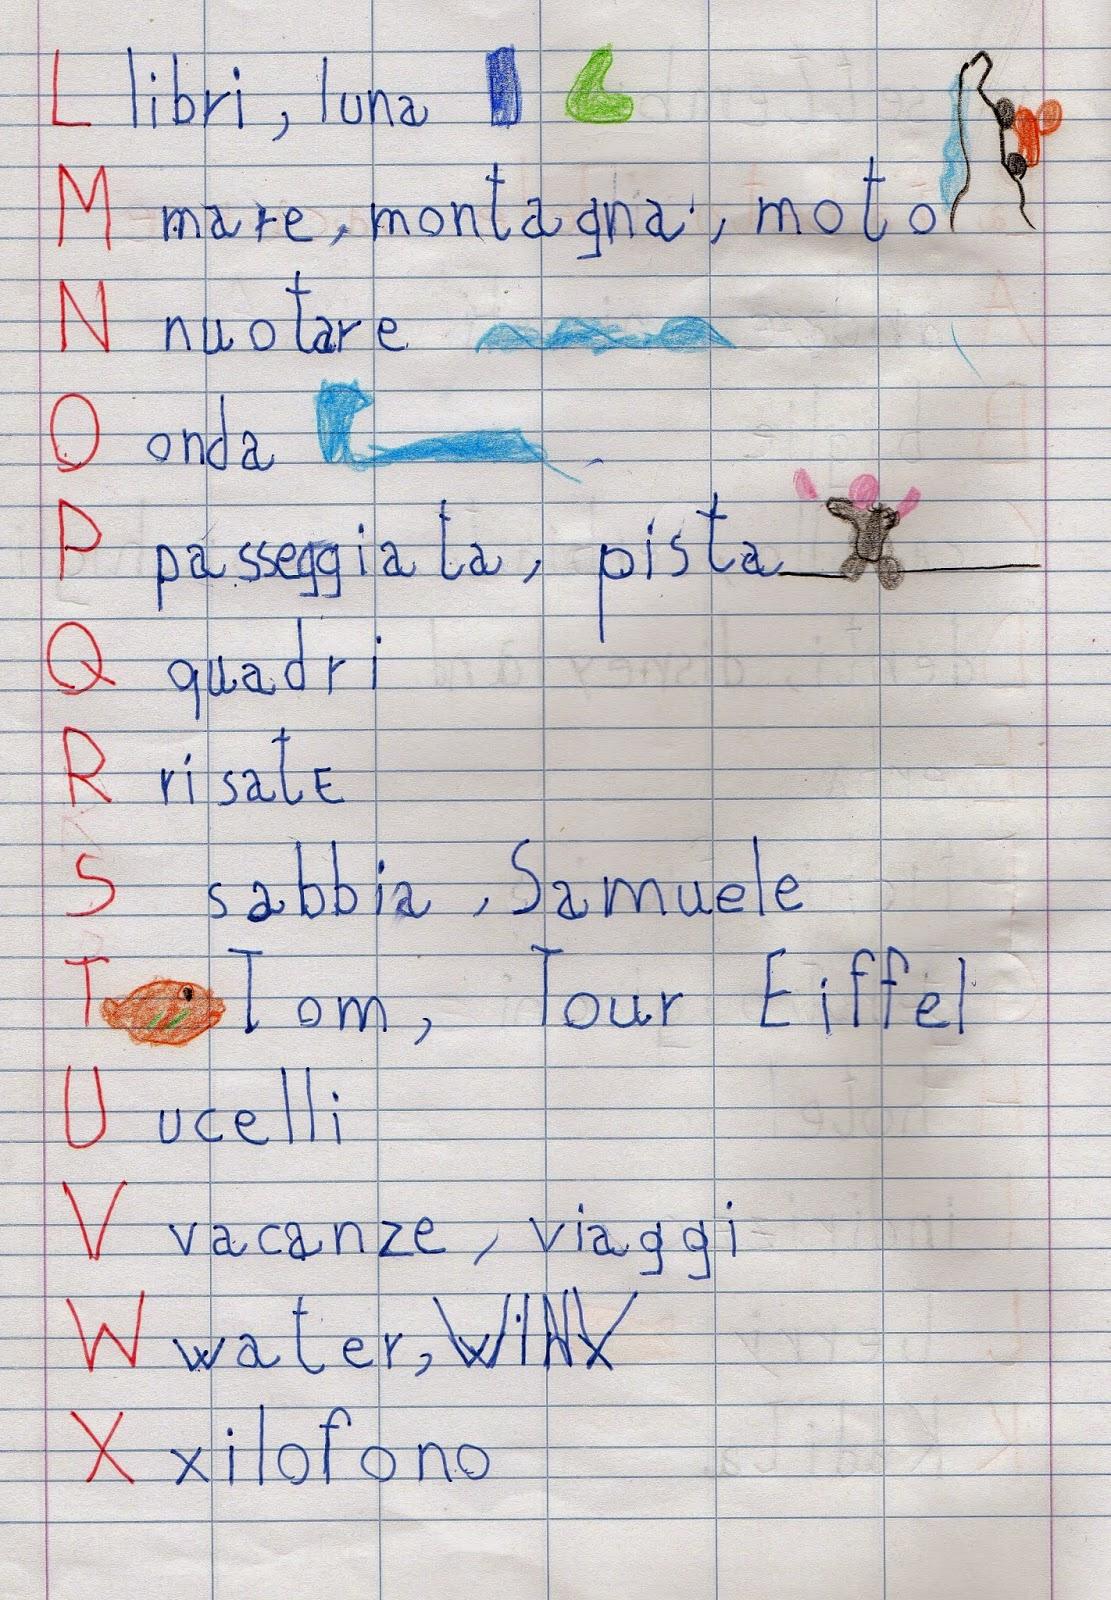 Conosciuto APEdario: L'alfabeto delle vacanze TW16